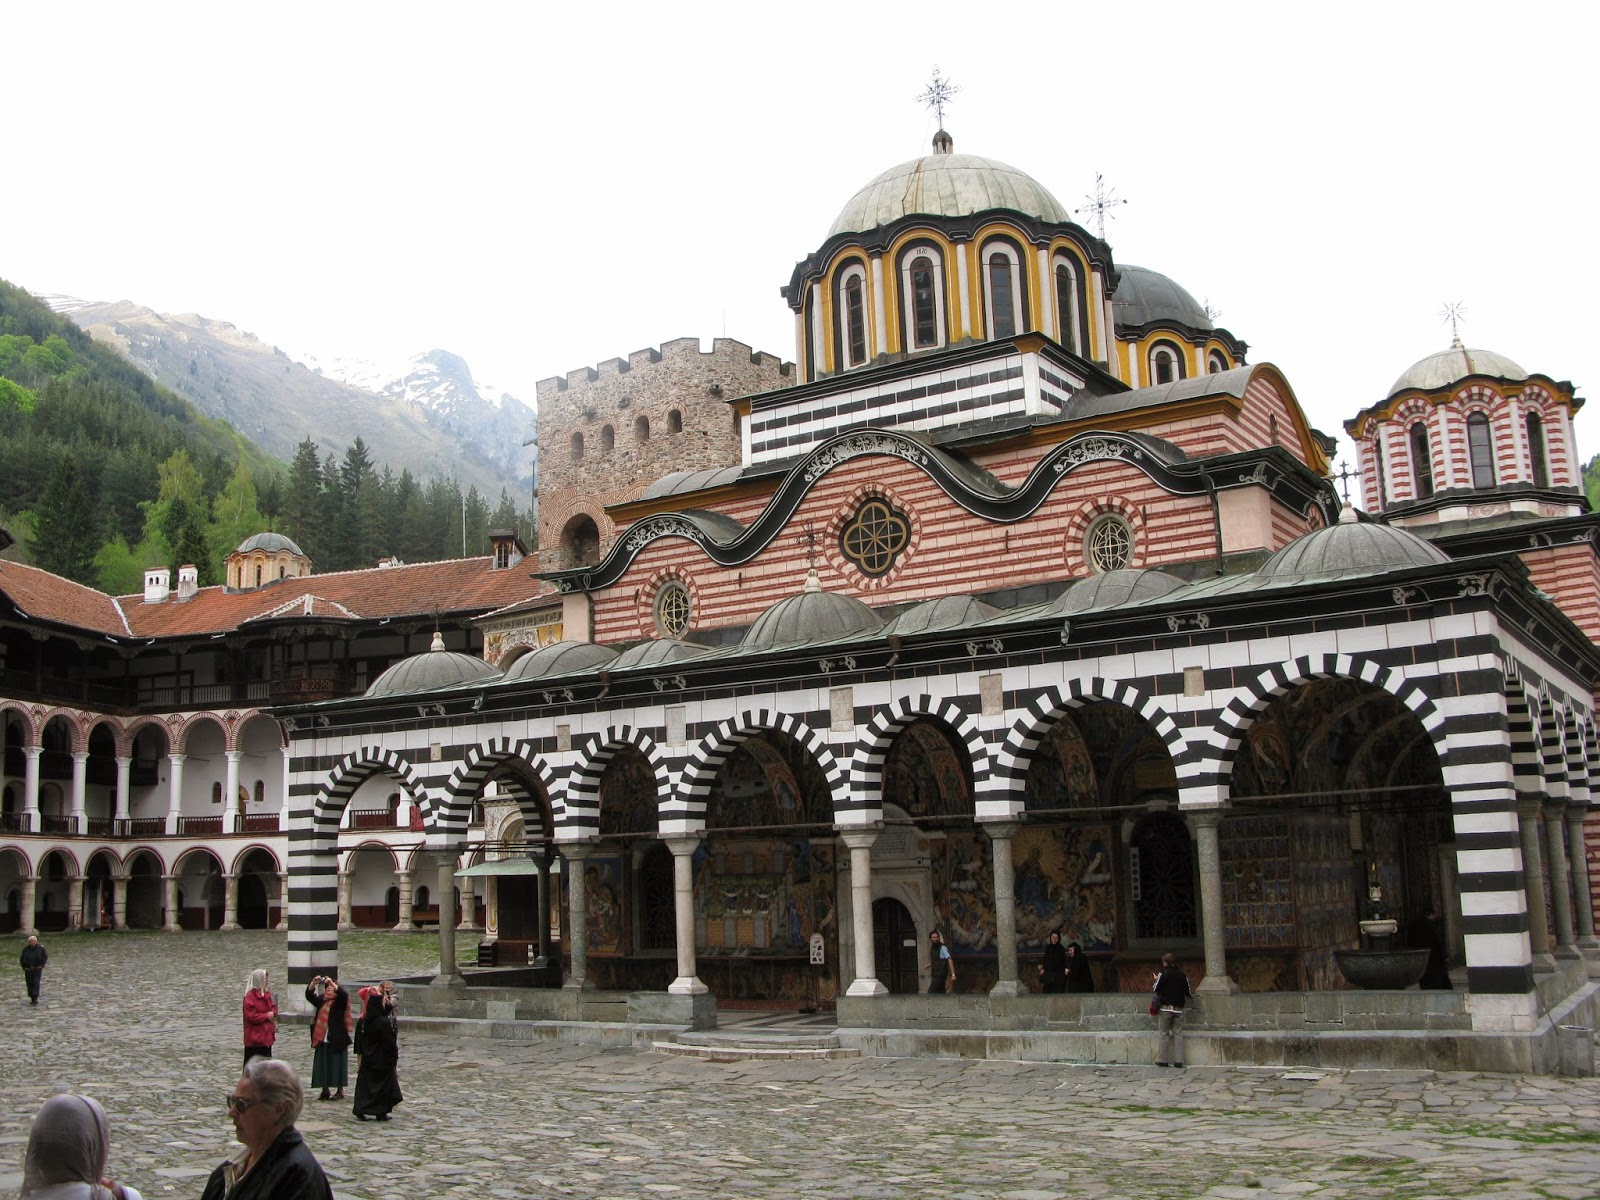 Manastirea Rila